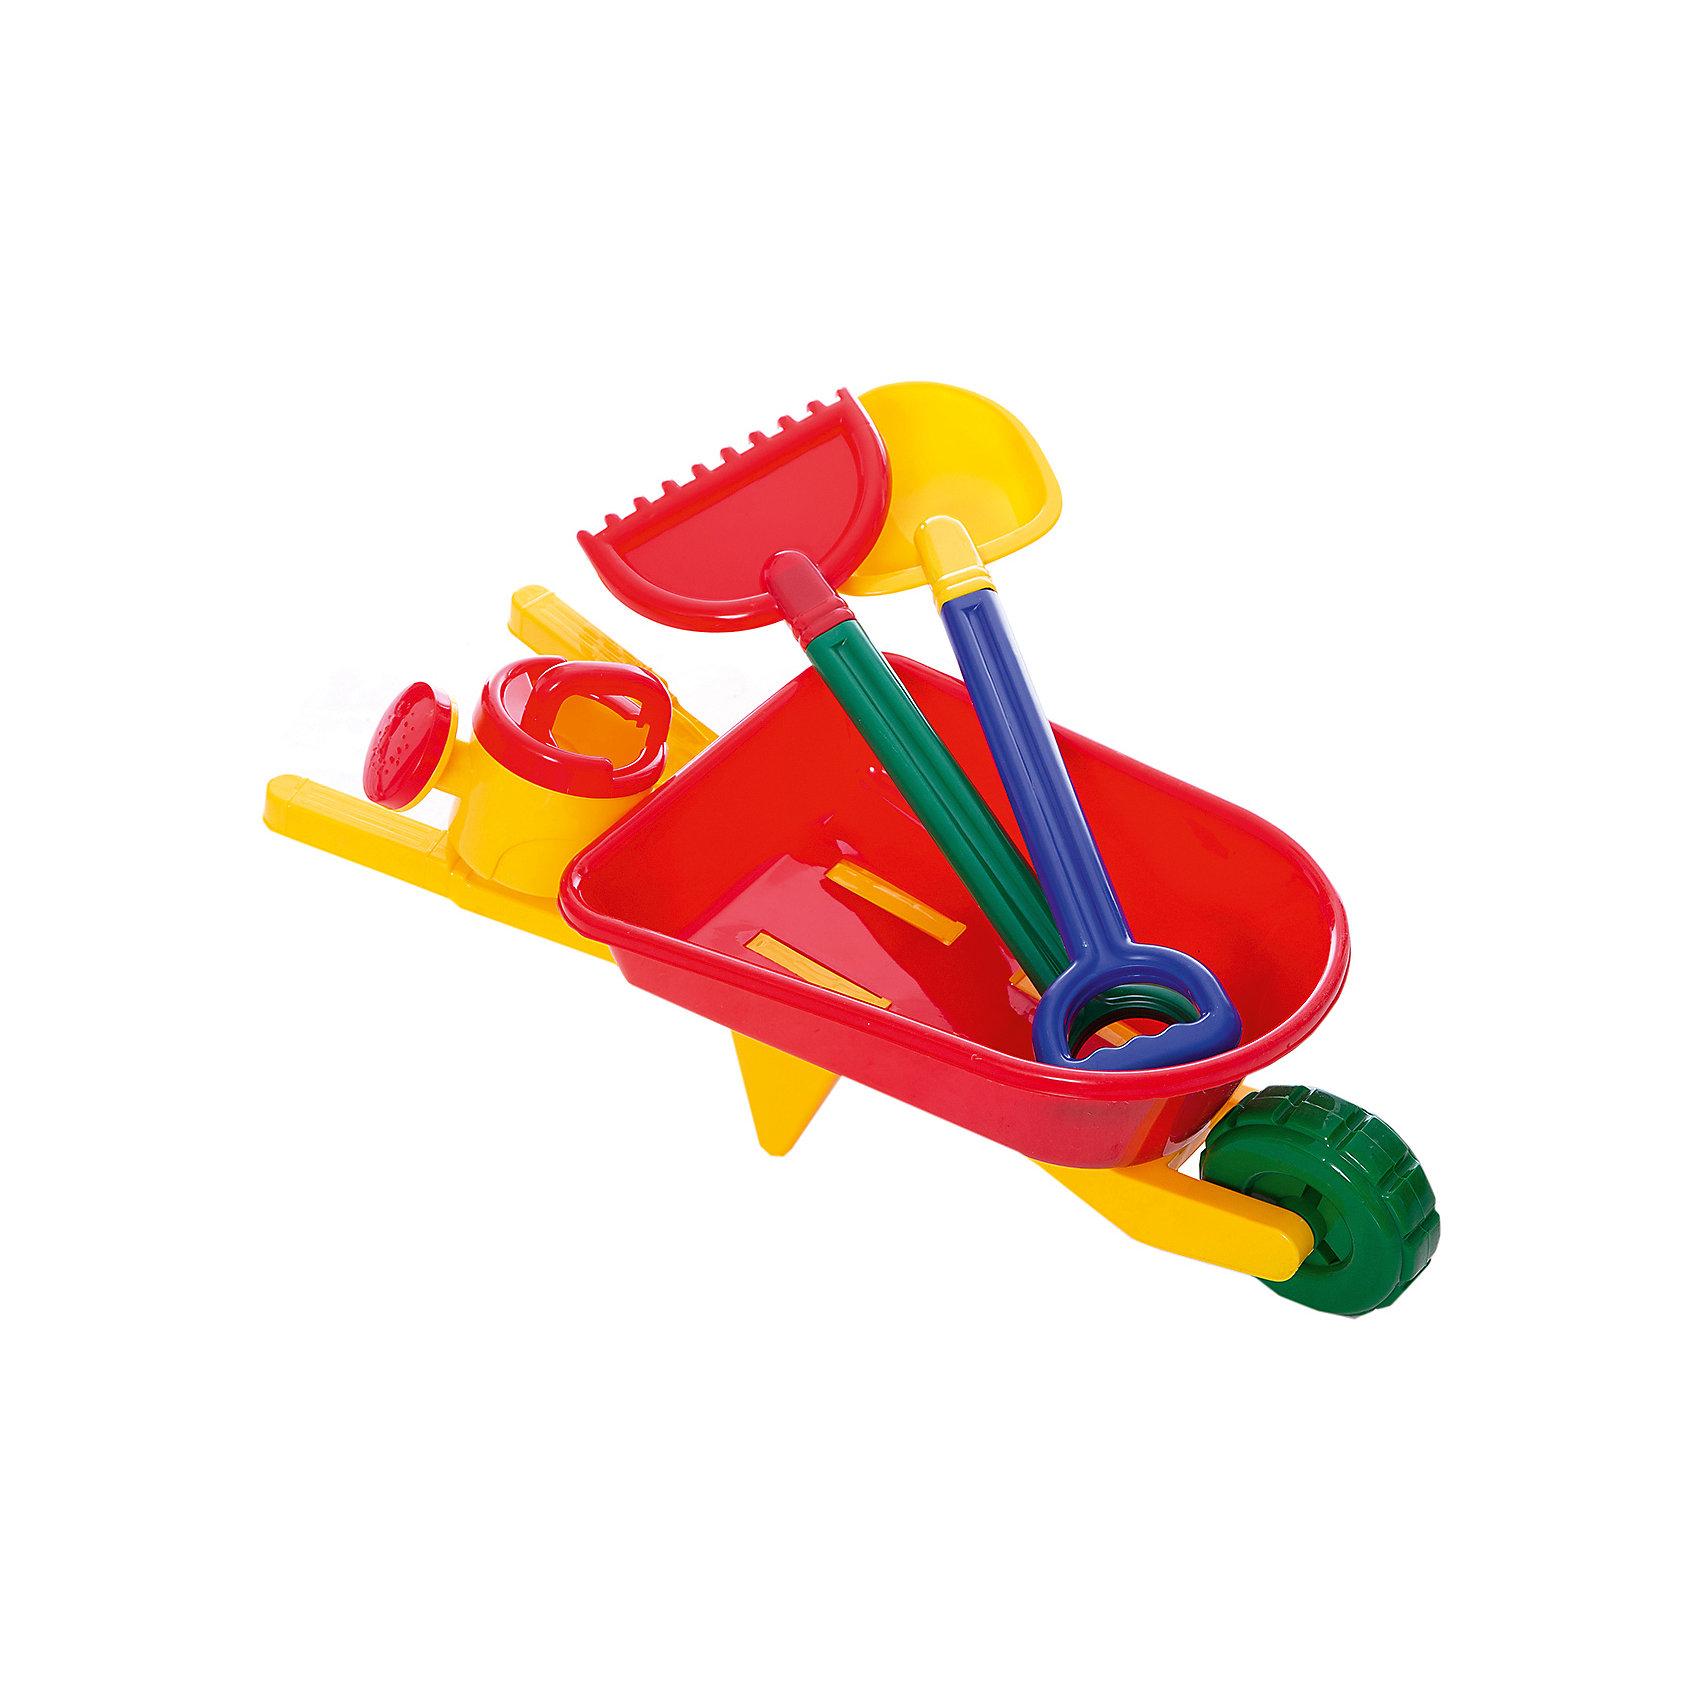 Набор для песка, 4 предм,  ALTACTOНабор для песка, Altacto, порадует Вашего малыша и сделает игры в песочнице еще веселее и интереснее. В комплект входят красочная тележка с функциональным колесиком и фиксатором положения конструкции, лейка, лопатка и грабли. Все предметы имеют эргономичную форму, удобную для захвата маленькой детской ручкой. Тележка оснащена просторным кузовом, который вместит в себя большой объем песка. Лопатка, грабли и совок прекрасно подходят для строительства сказочных замков или для садовых работ. Набор выполнен из качественного и прочного материала, не содержащего в составе вредных красителей. Способствует развитию тактильных ощущений, мелкой и крупной моторики, а также двигательной активности ребенка.<br><br>Дополнительная информация:        <br><br>- В комплекте: тележка, лейка, лопатка, грабли.<br>- Материал: пластик. <br>- Размер упаковки: 31 х 22 х 60 см.<br>- Вес: 0,876 кг.<br><br>Набор для песка, 4 предмета, Altacto, можно купить в нашем интернет-магазине.<br><br>Ширина мм: 310<br>Глубина мм: 220<br>Высота мм: 600<br>Вес г: 876<br>Возраст от месяцев: 36<br>Возраст до месяцев: 72<br>Пол: Унисекс<br>Возраст: Детский<br>SKU: 4622261